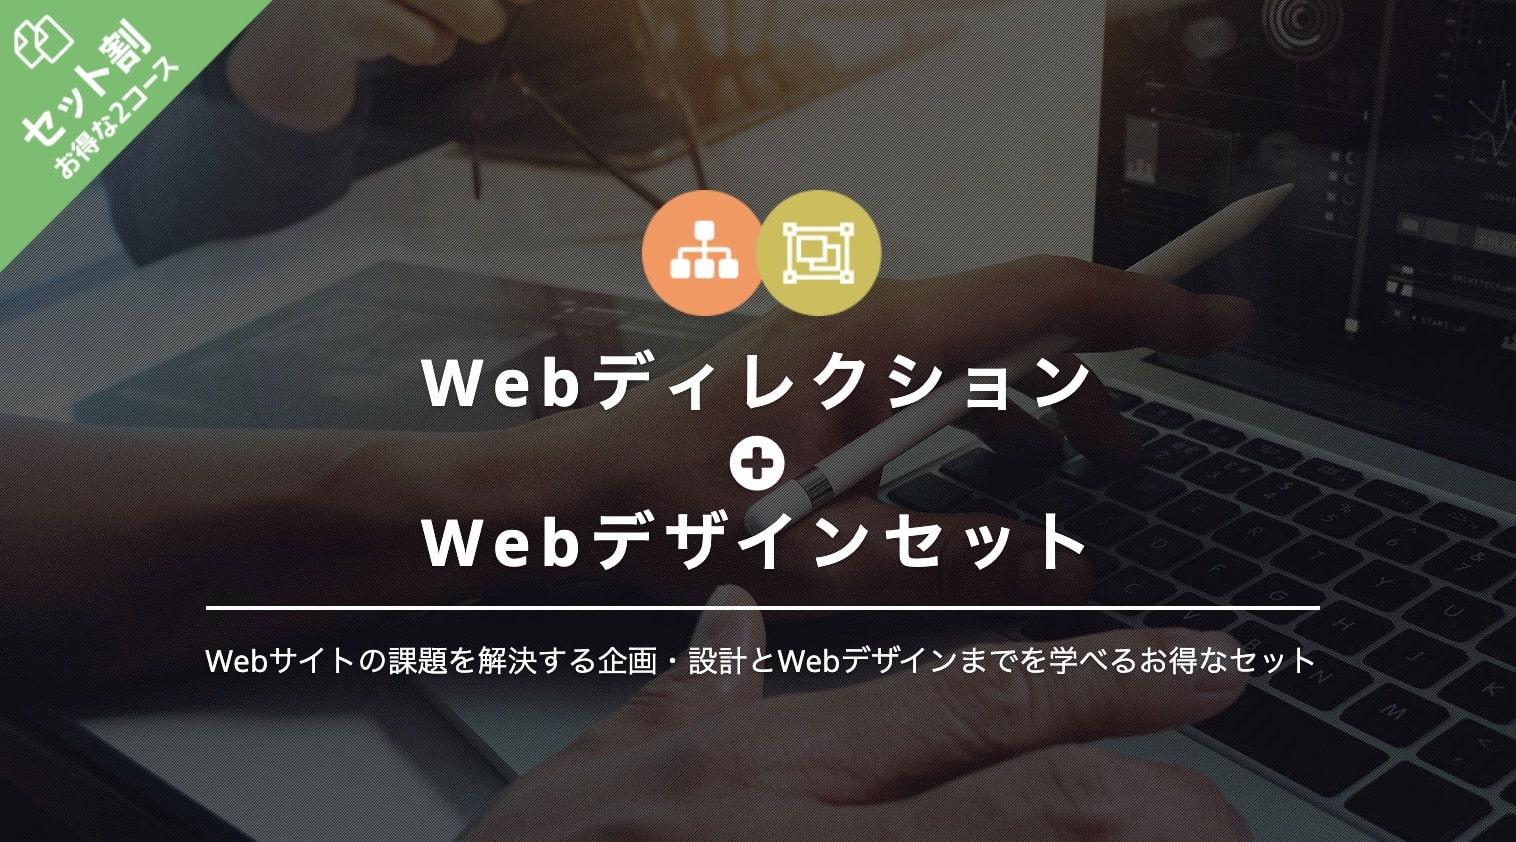 Webディレクション+Webデザインセットの料金|TechAcademy(テックアカデミー)2セット